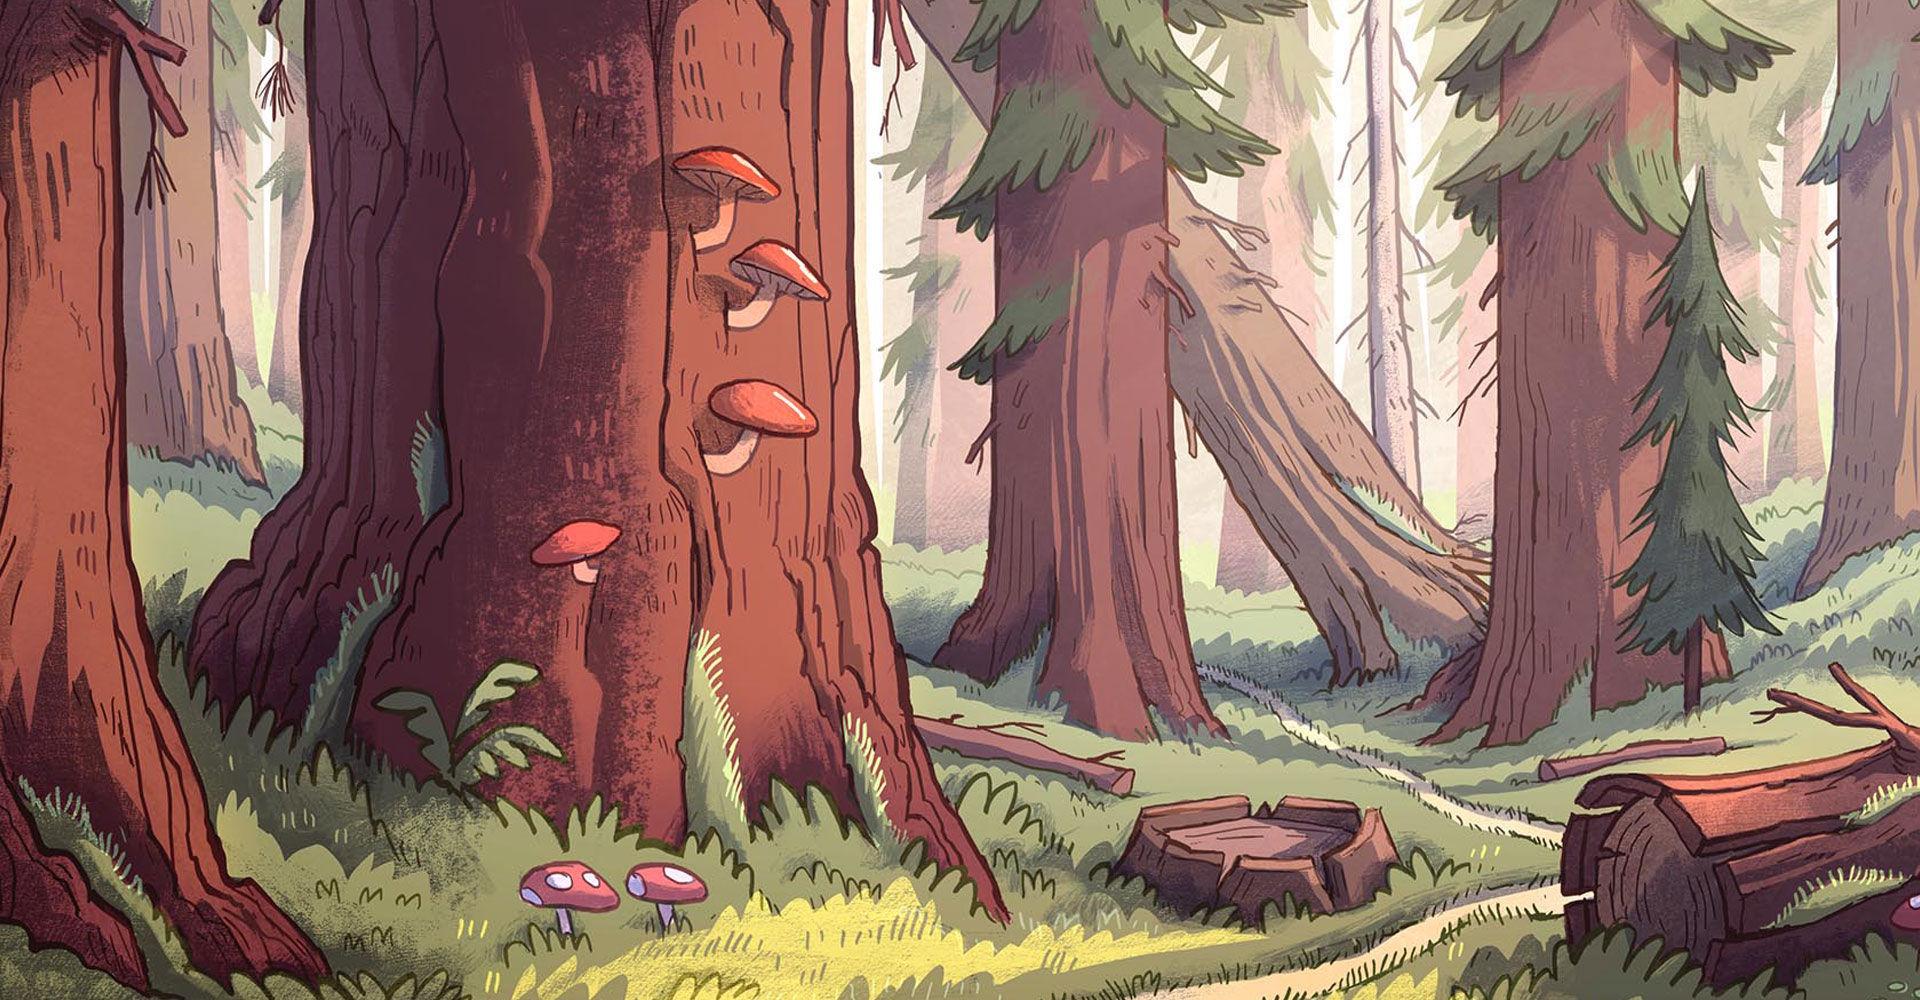 ¿Cuál es la primera criatura paranormal de Gravity Falls que vemos en la serie?